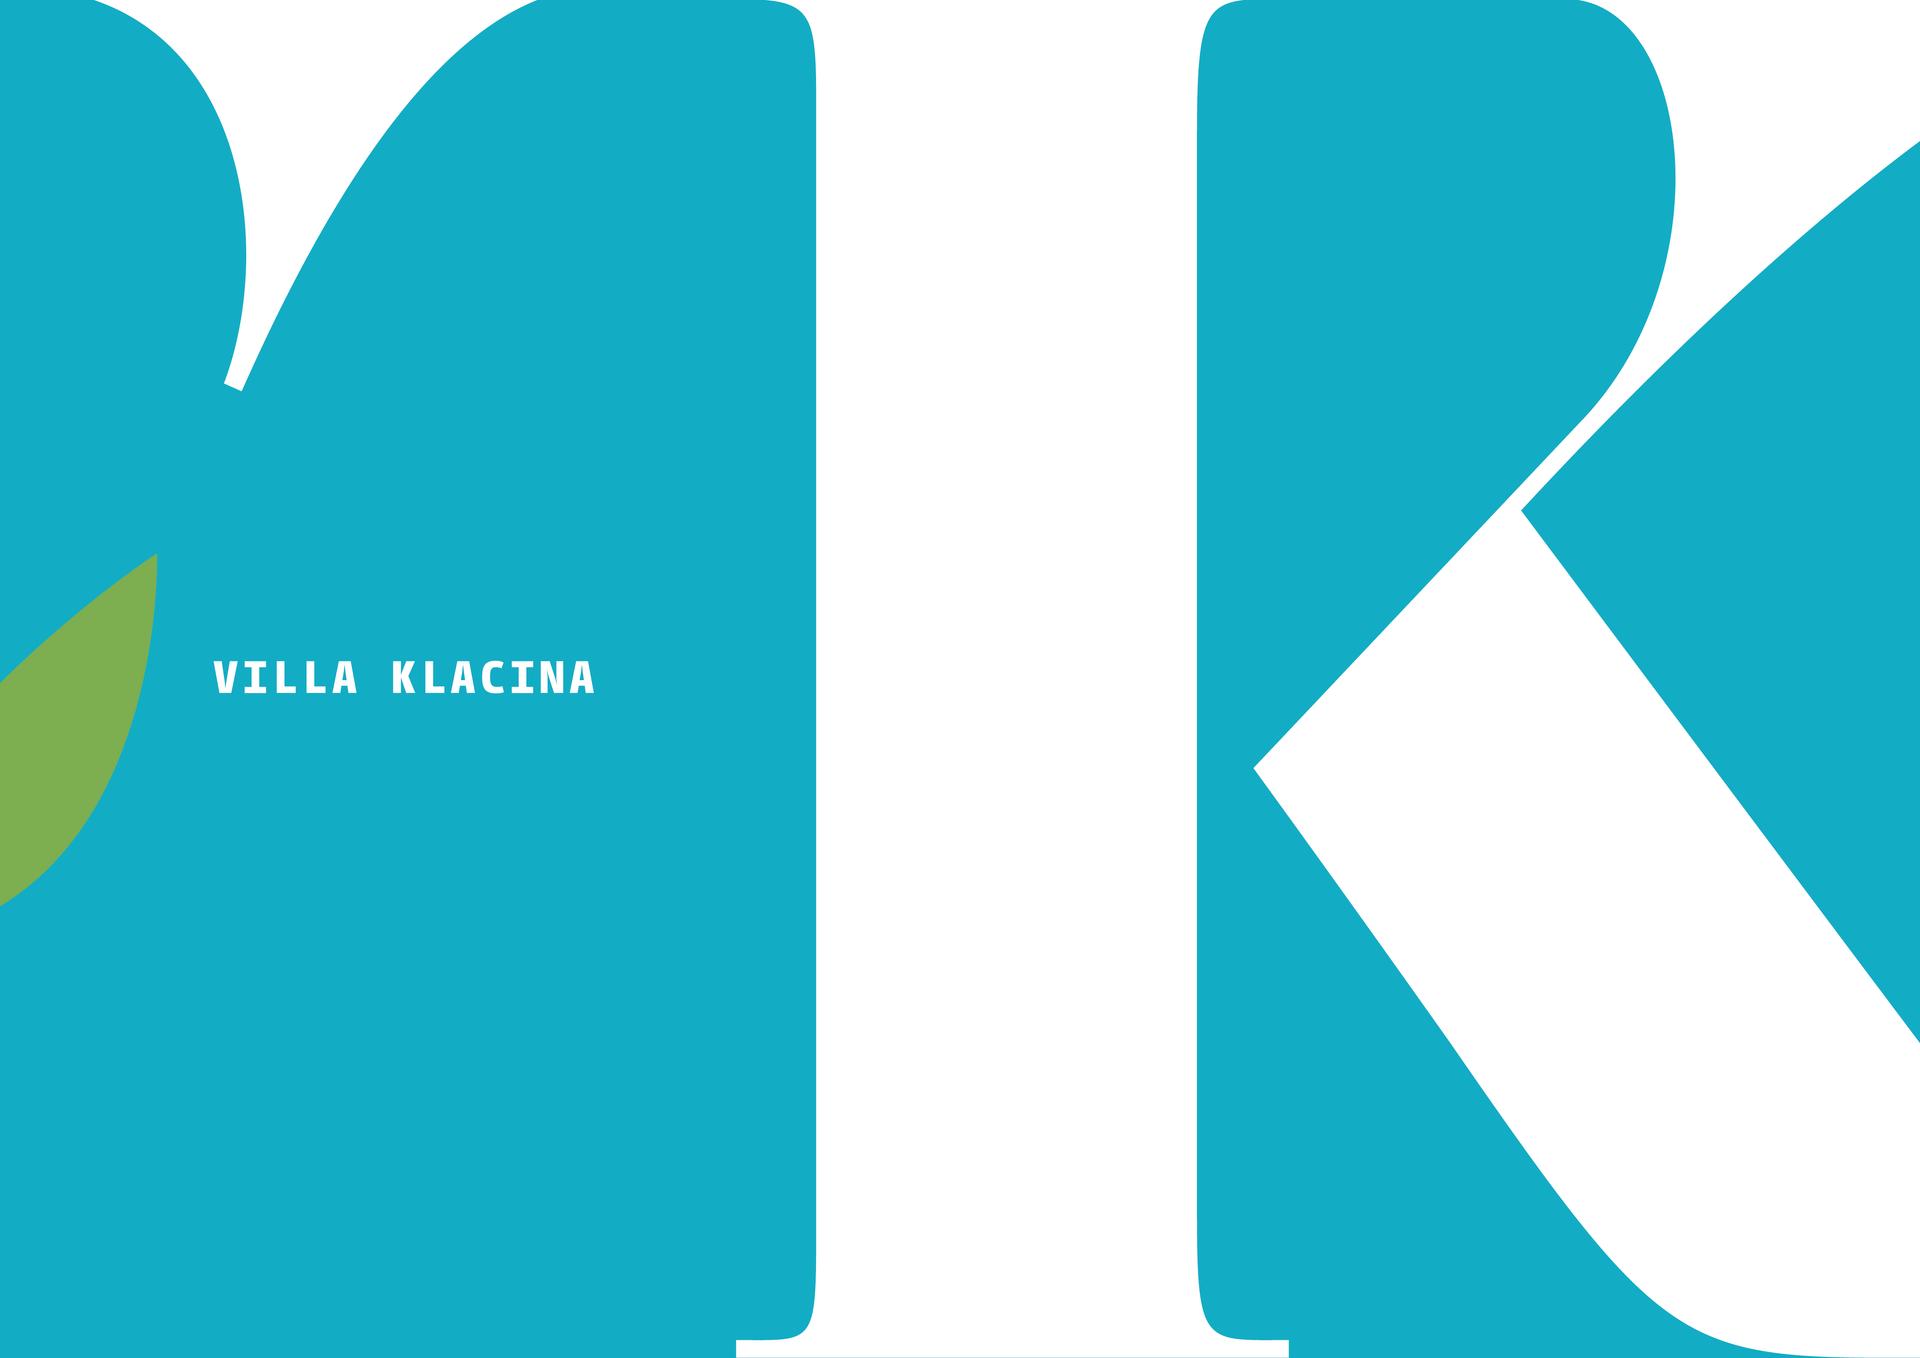 VILLA_KLACINA